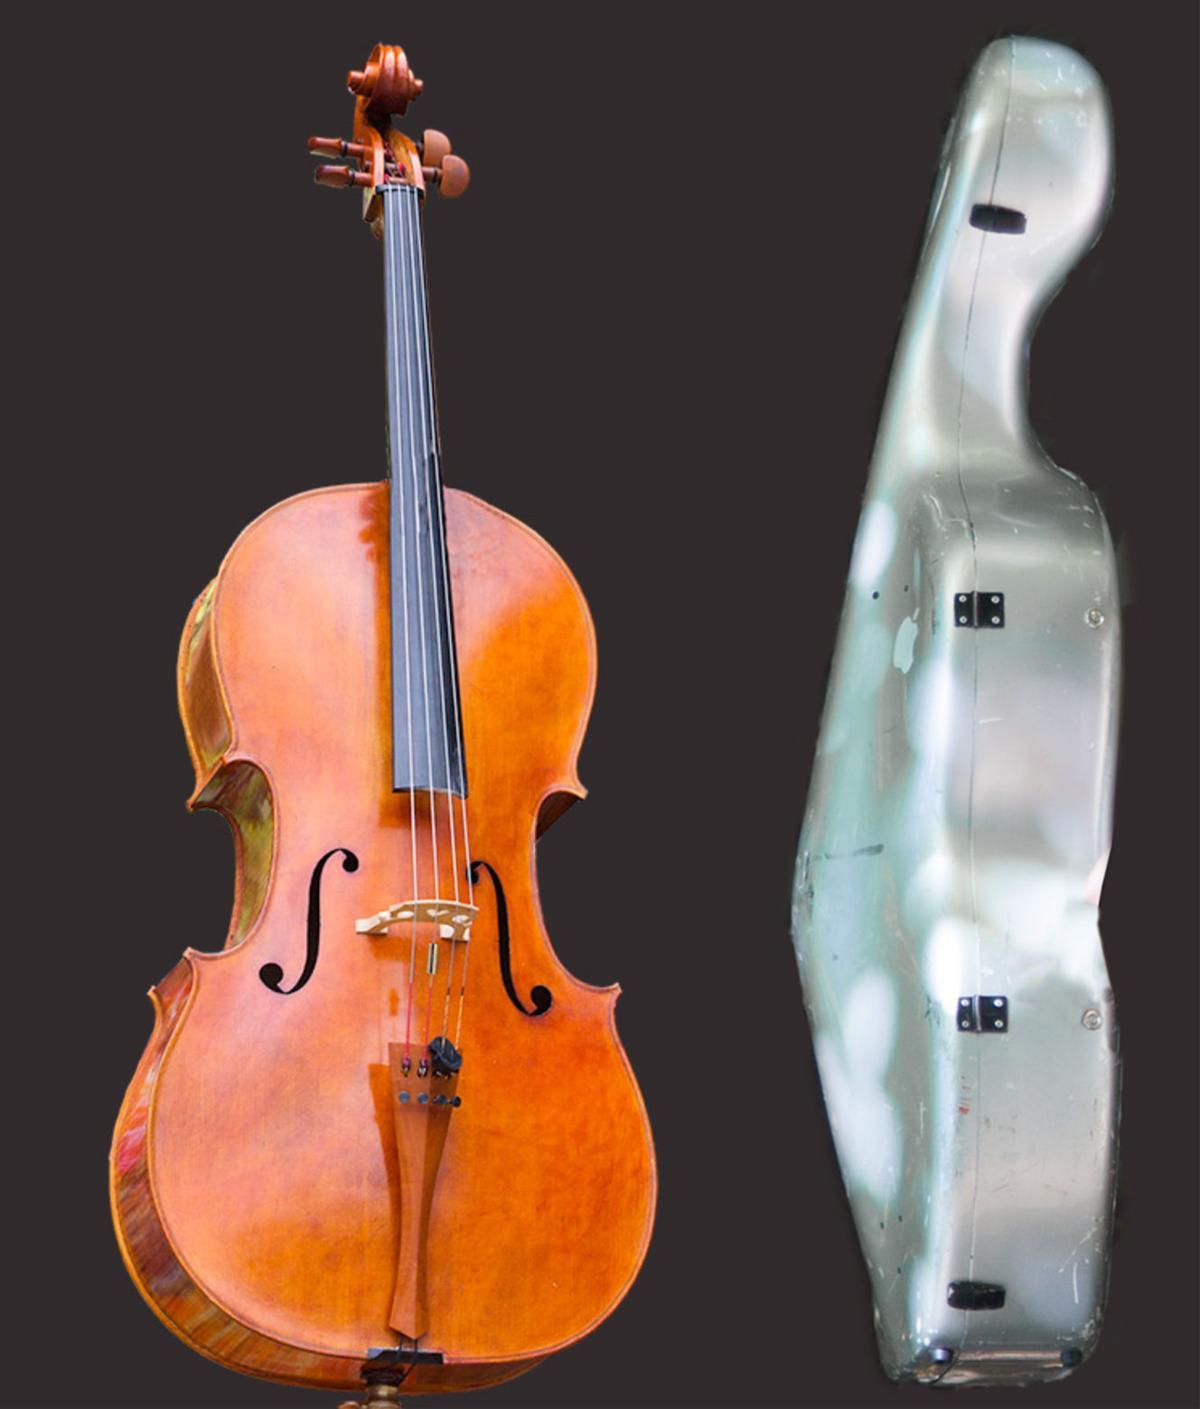 Stolen Cello